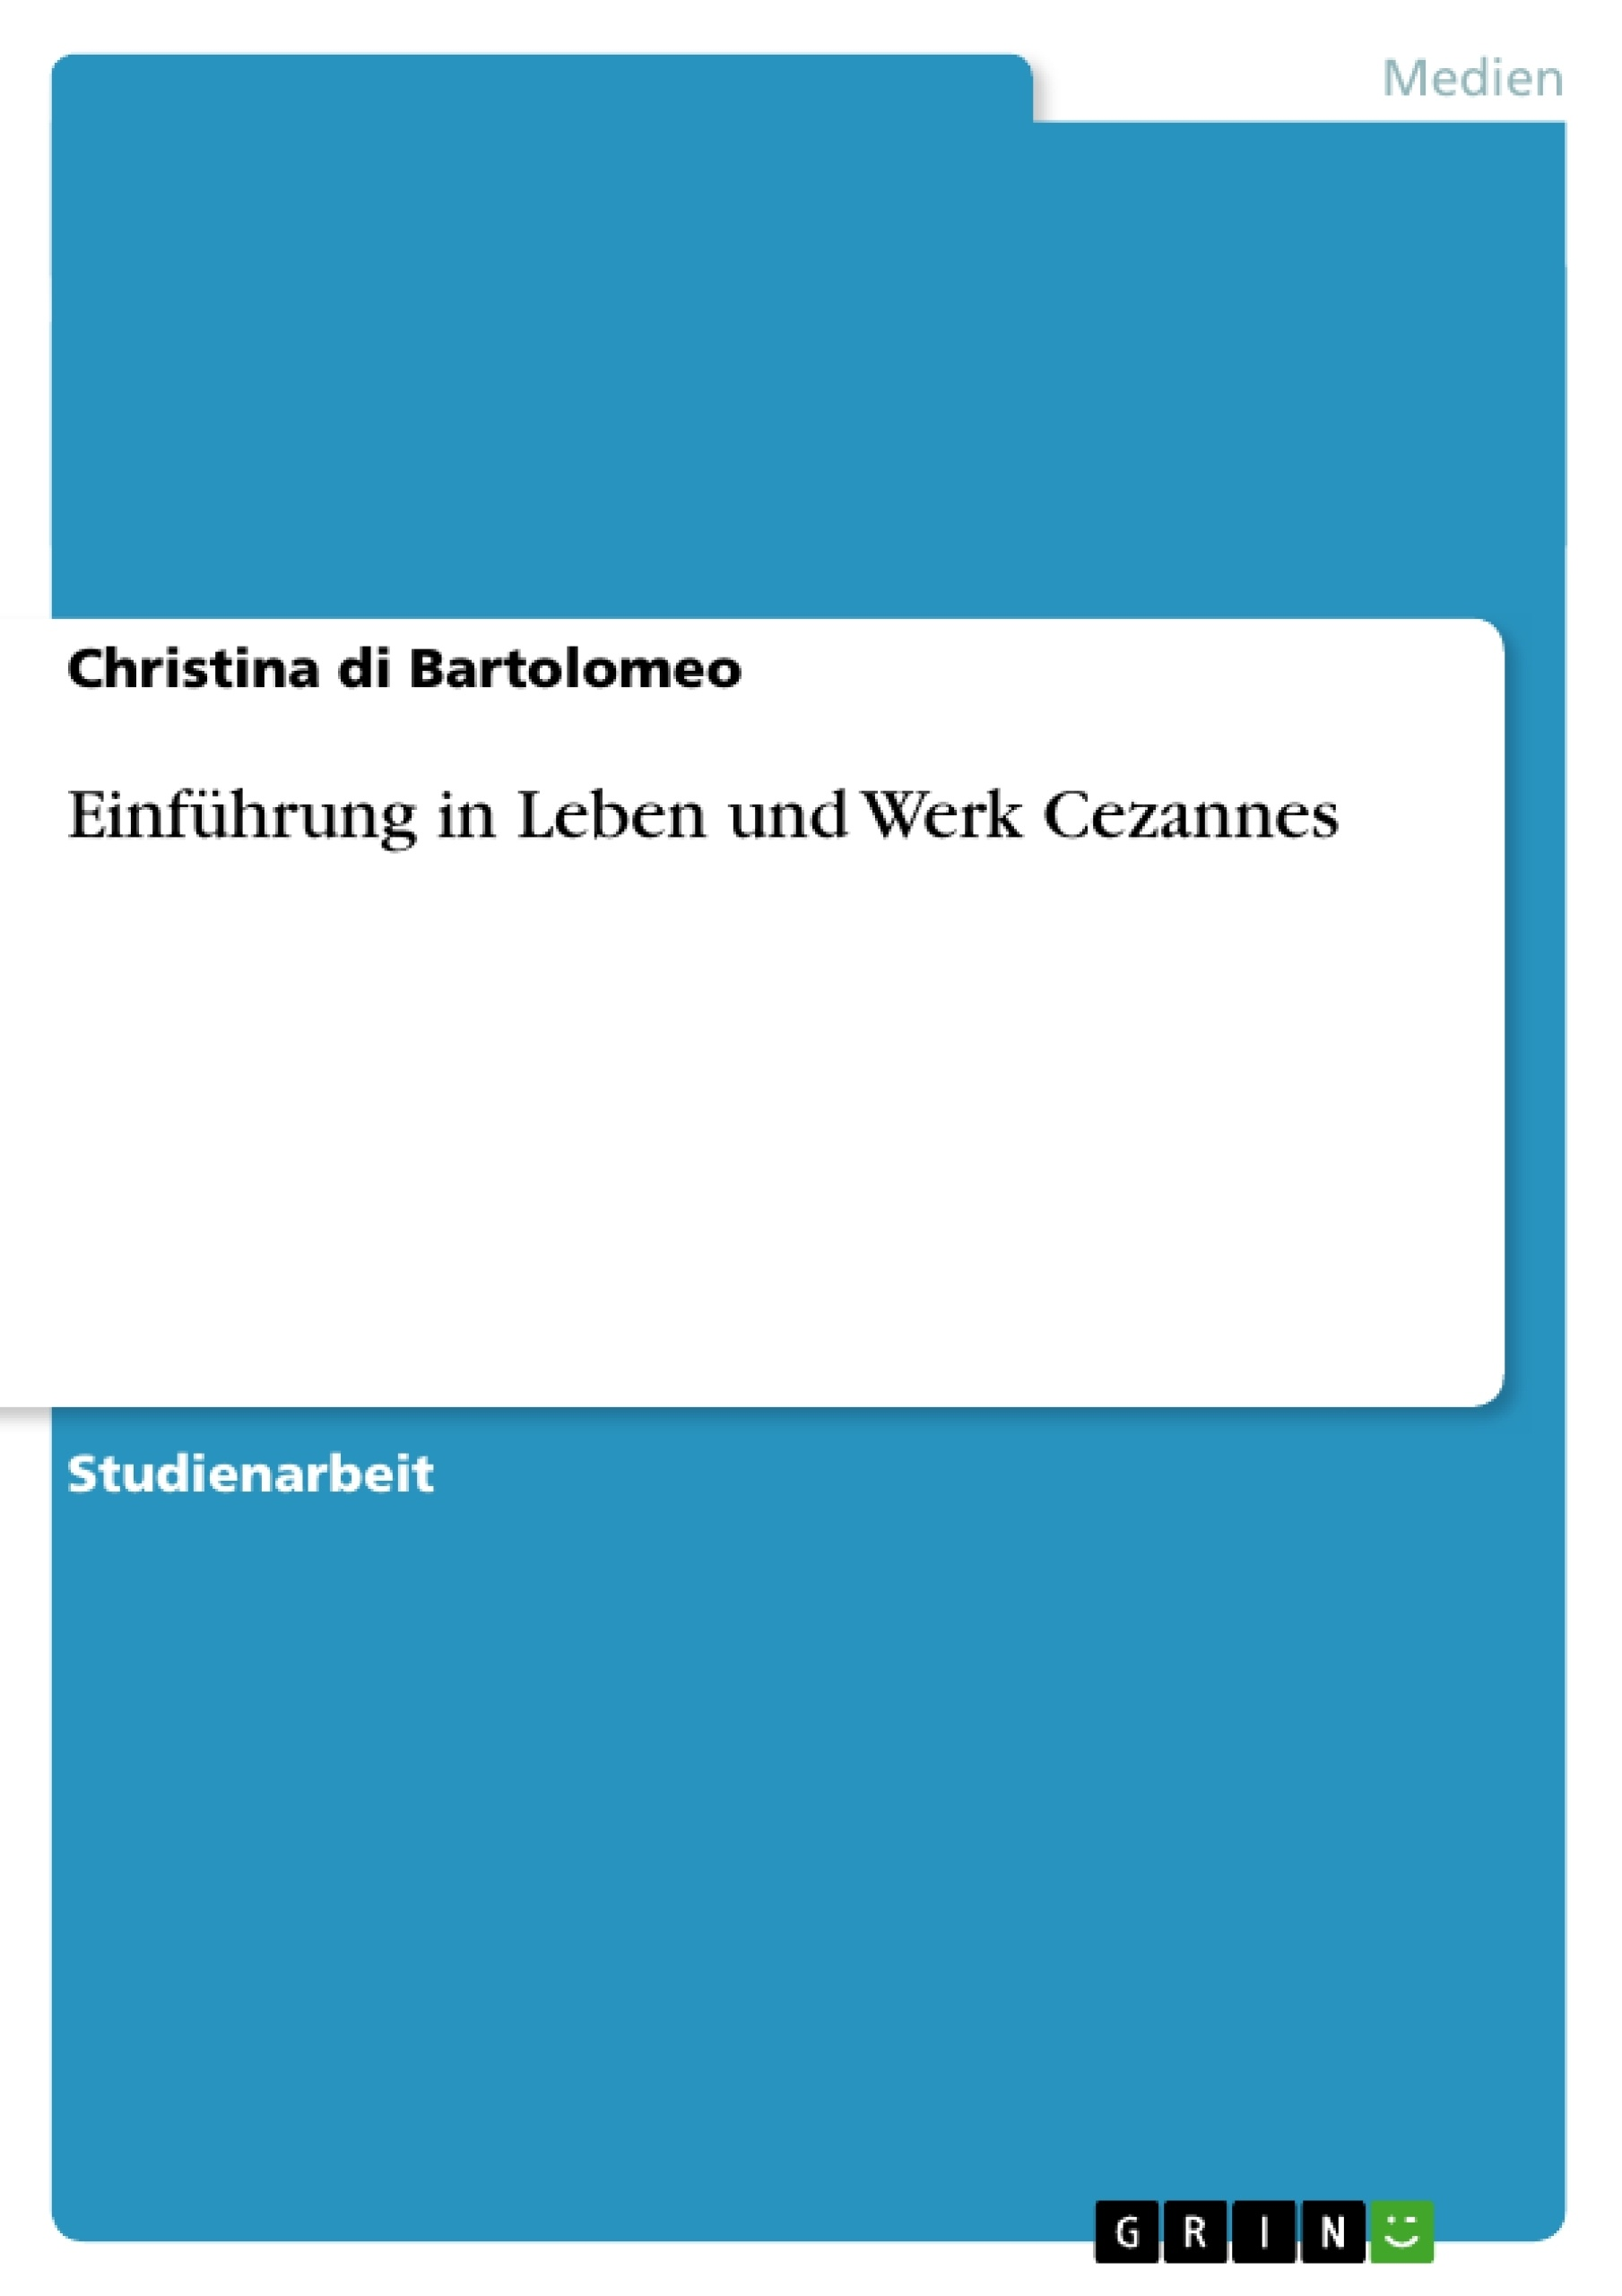 Titel: Einführung in Leben und Werk Cezannes